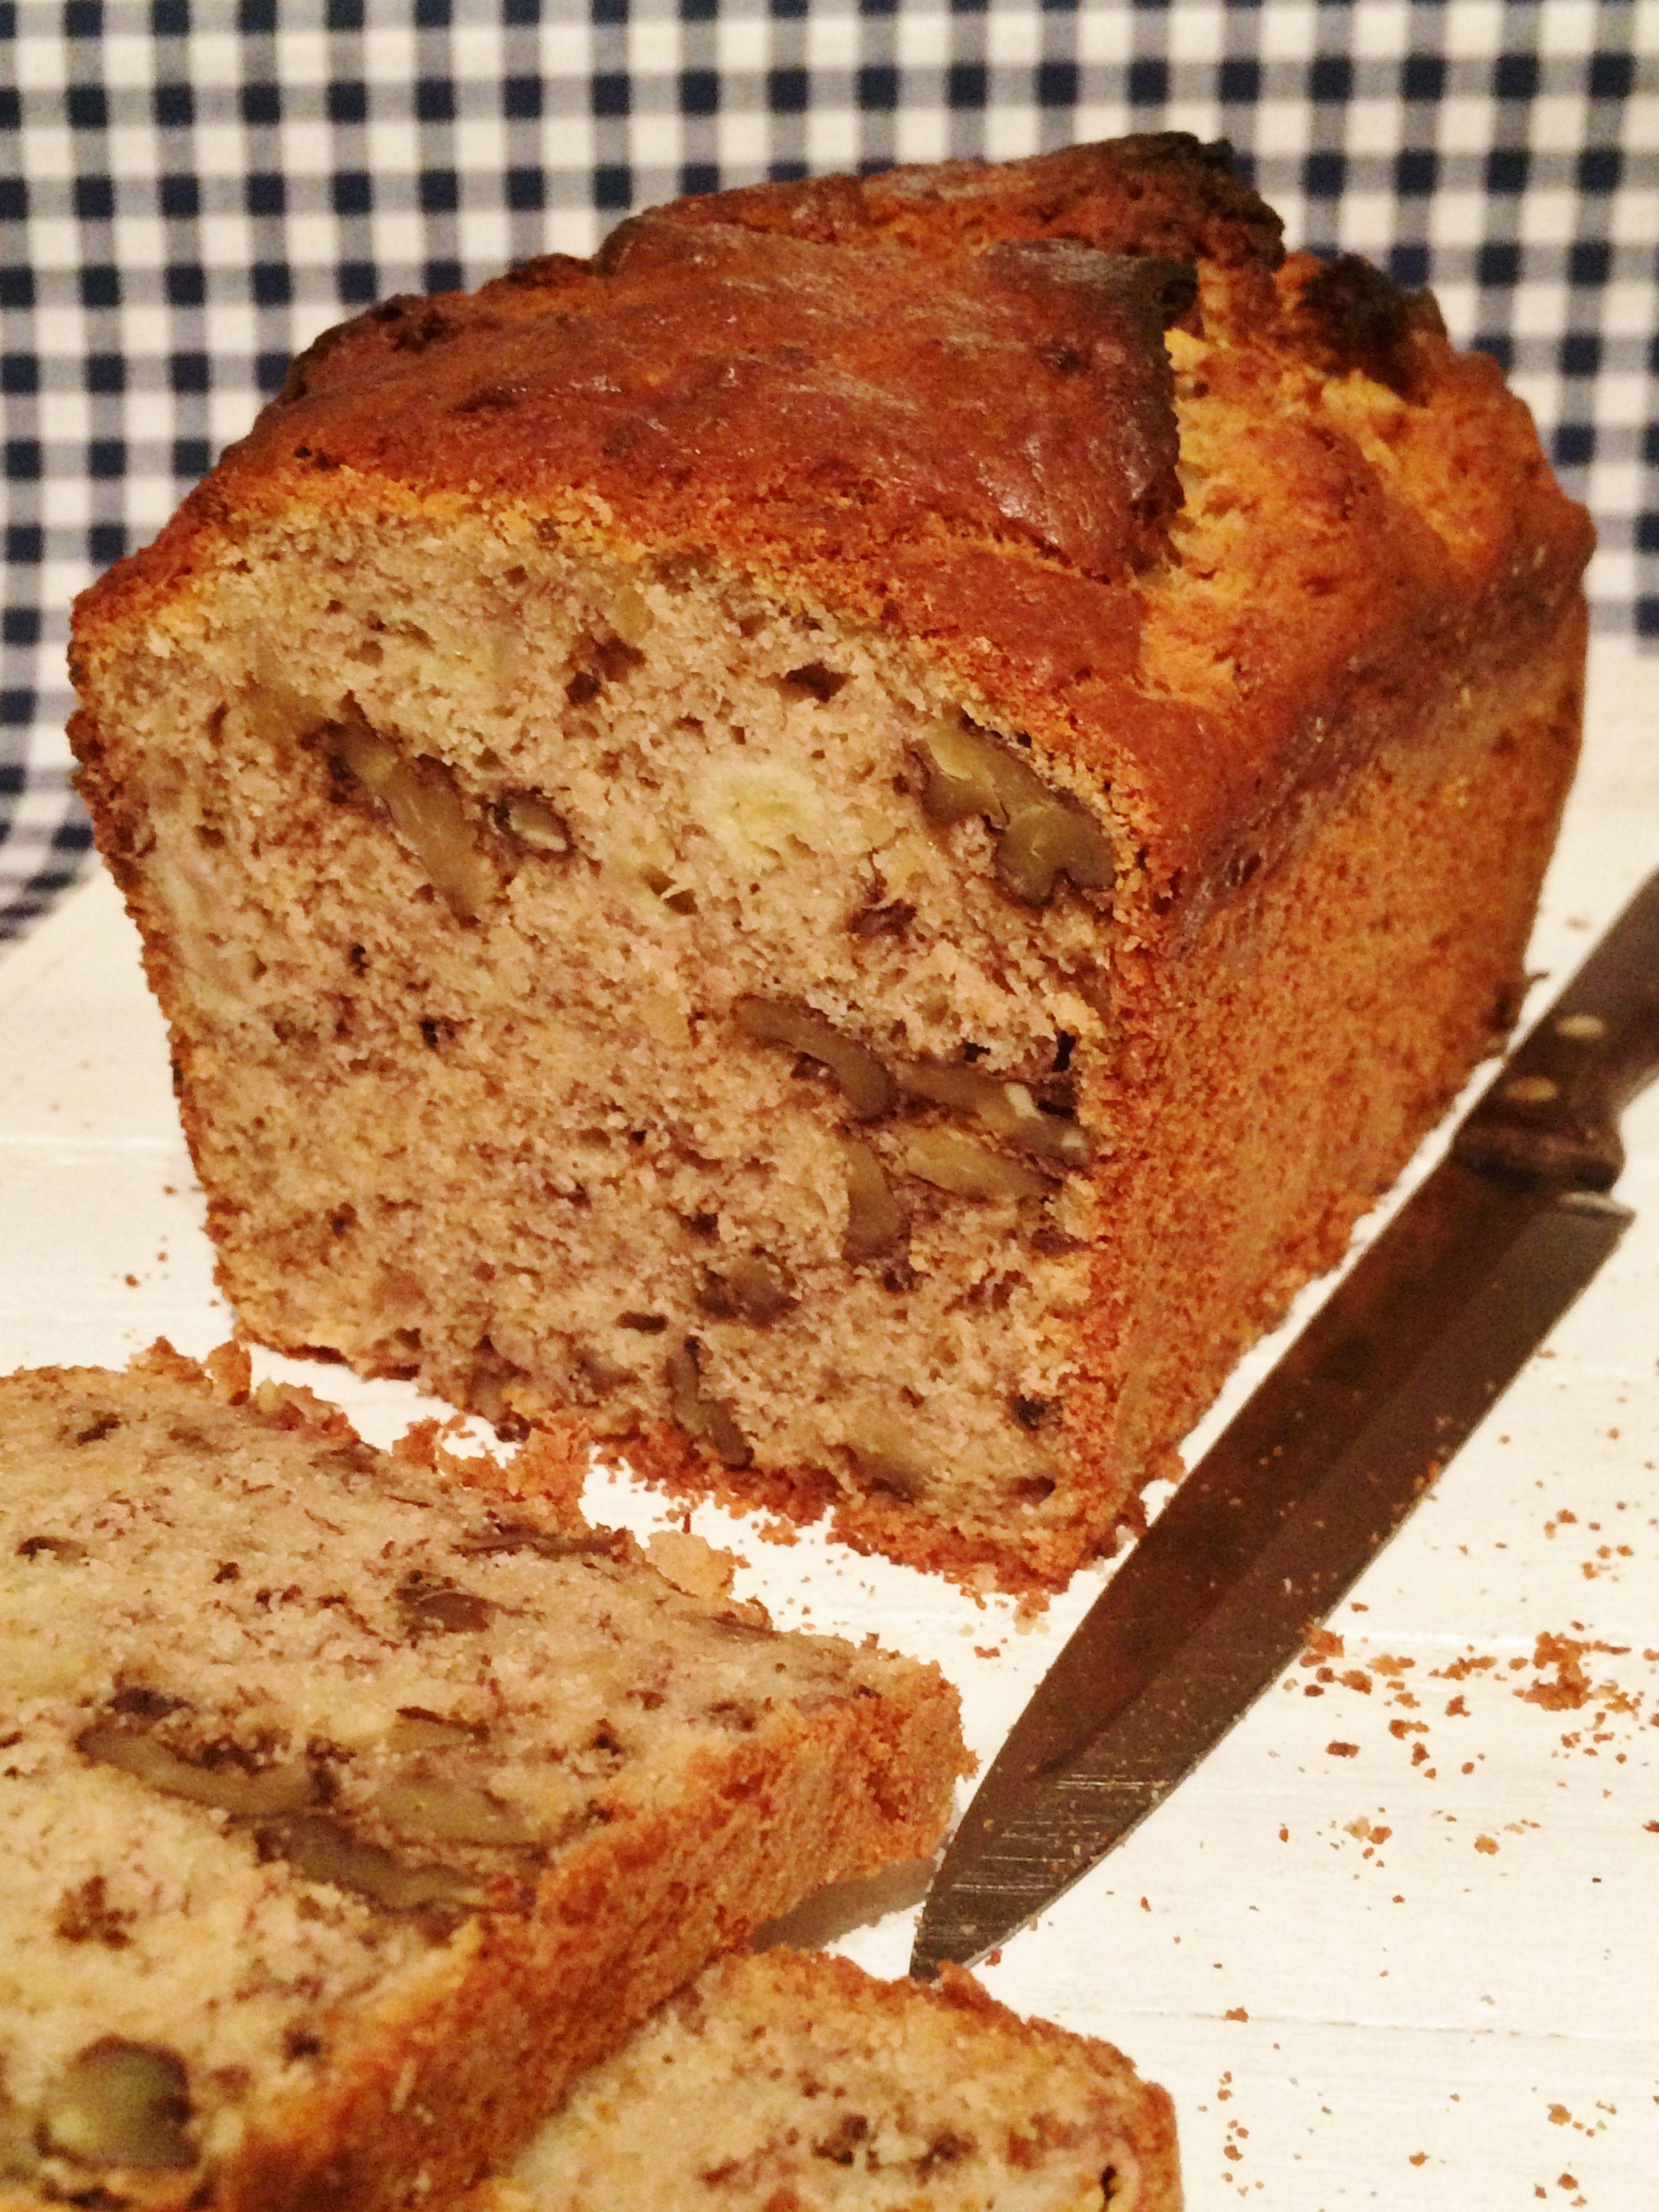 Banana and walnut cake recipe by rosemary shrager from